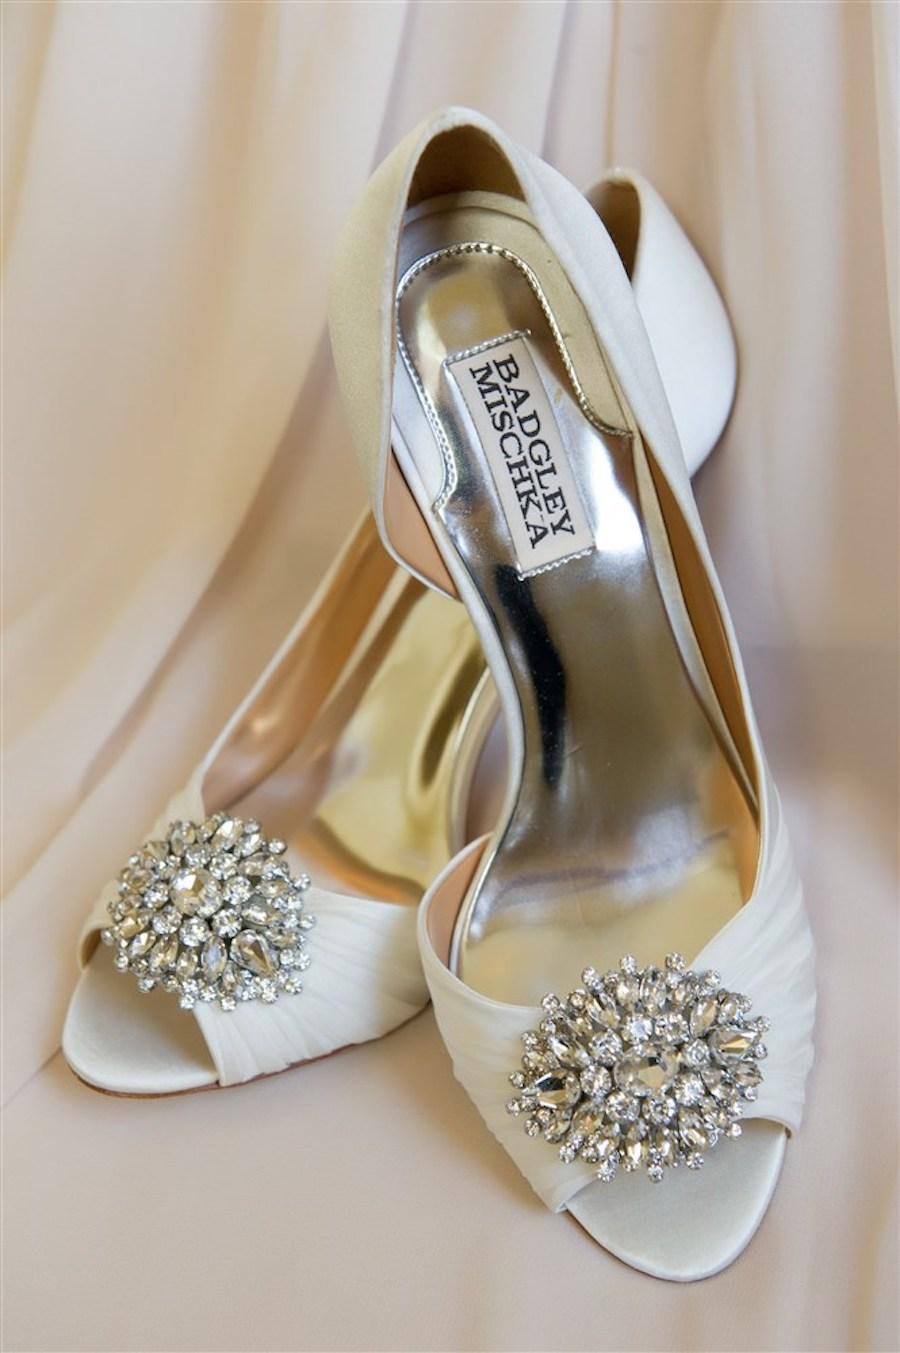 Peep Toe Ivory Badgley Mischka Wedding Shoes with Rhinestone